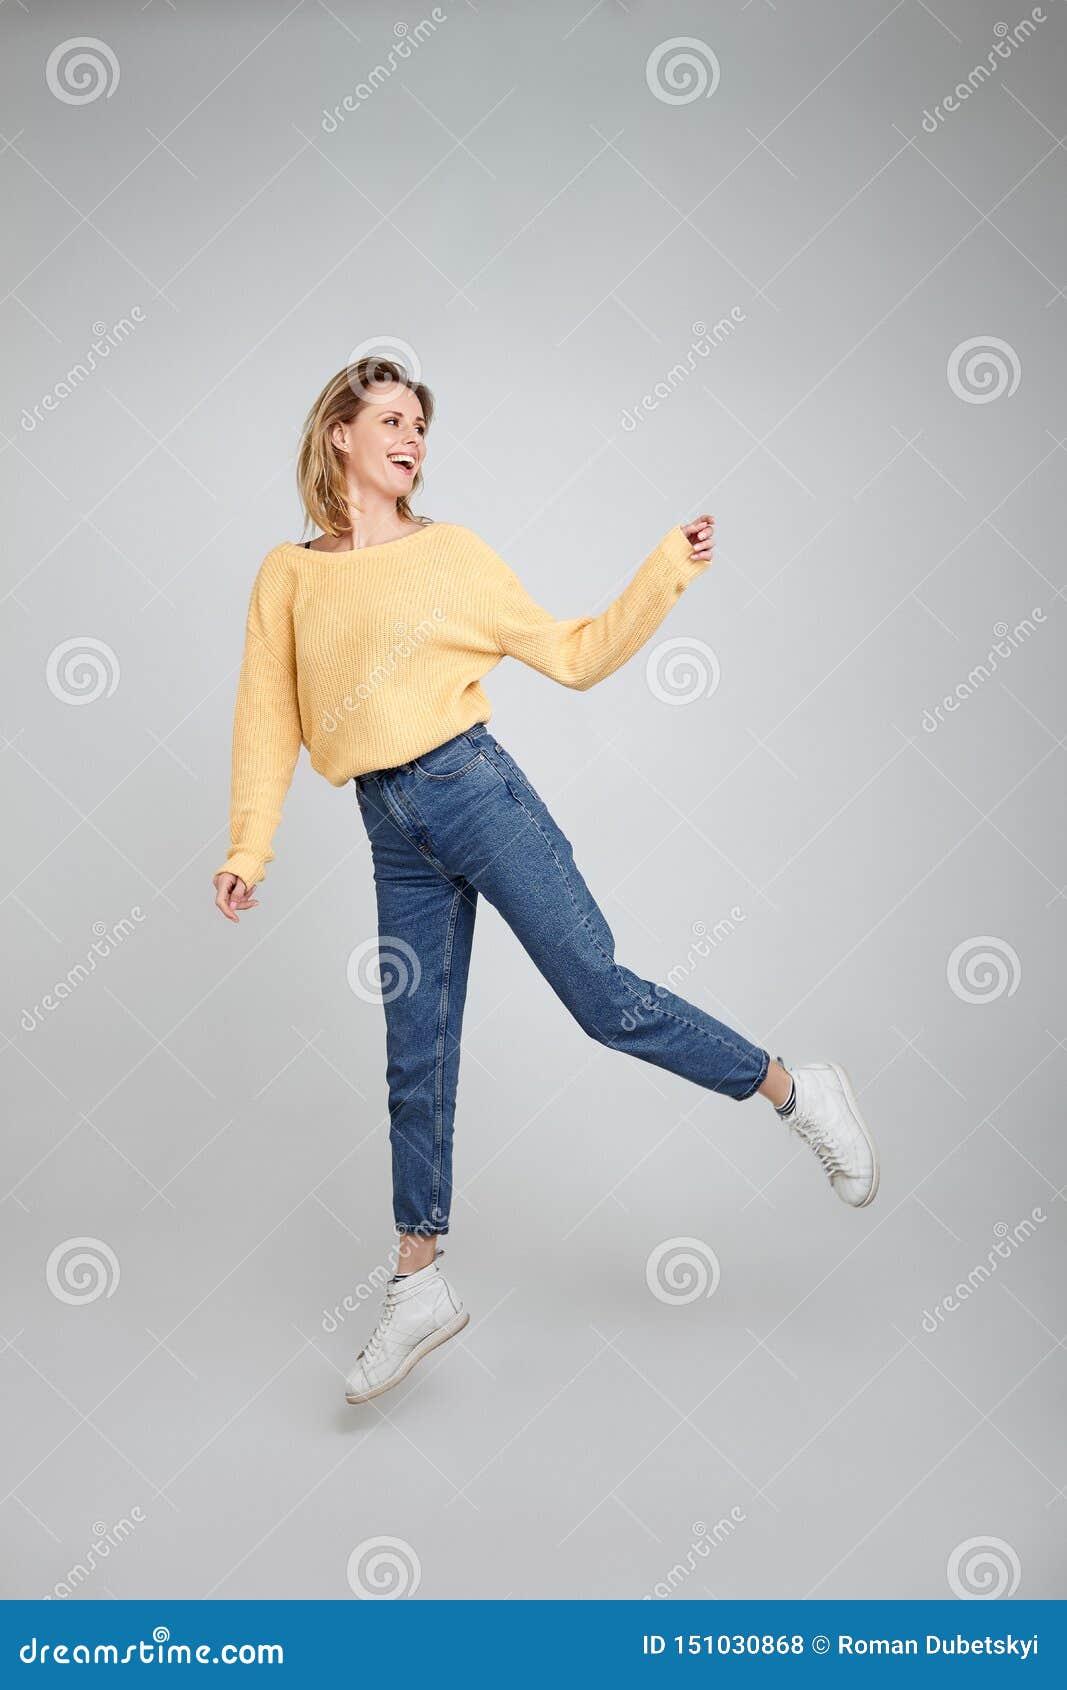 快乐的喜悦的年轻女性式样跃迁全长身体射击愉快地在反对白色背景的空气,佩带,运动衫,牛仔裤